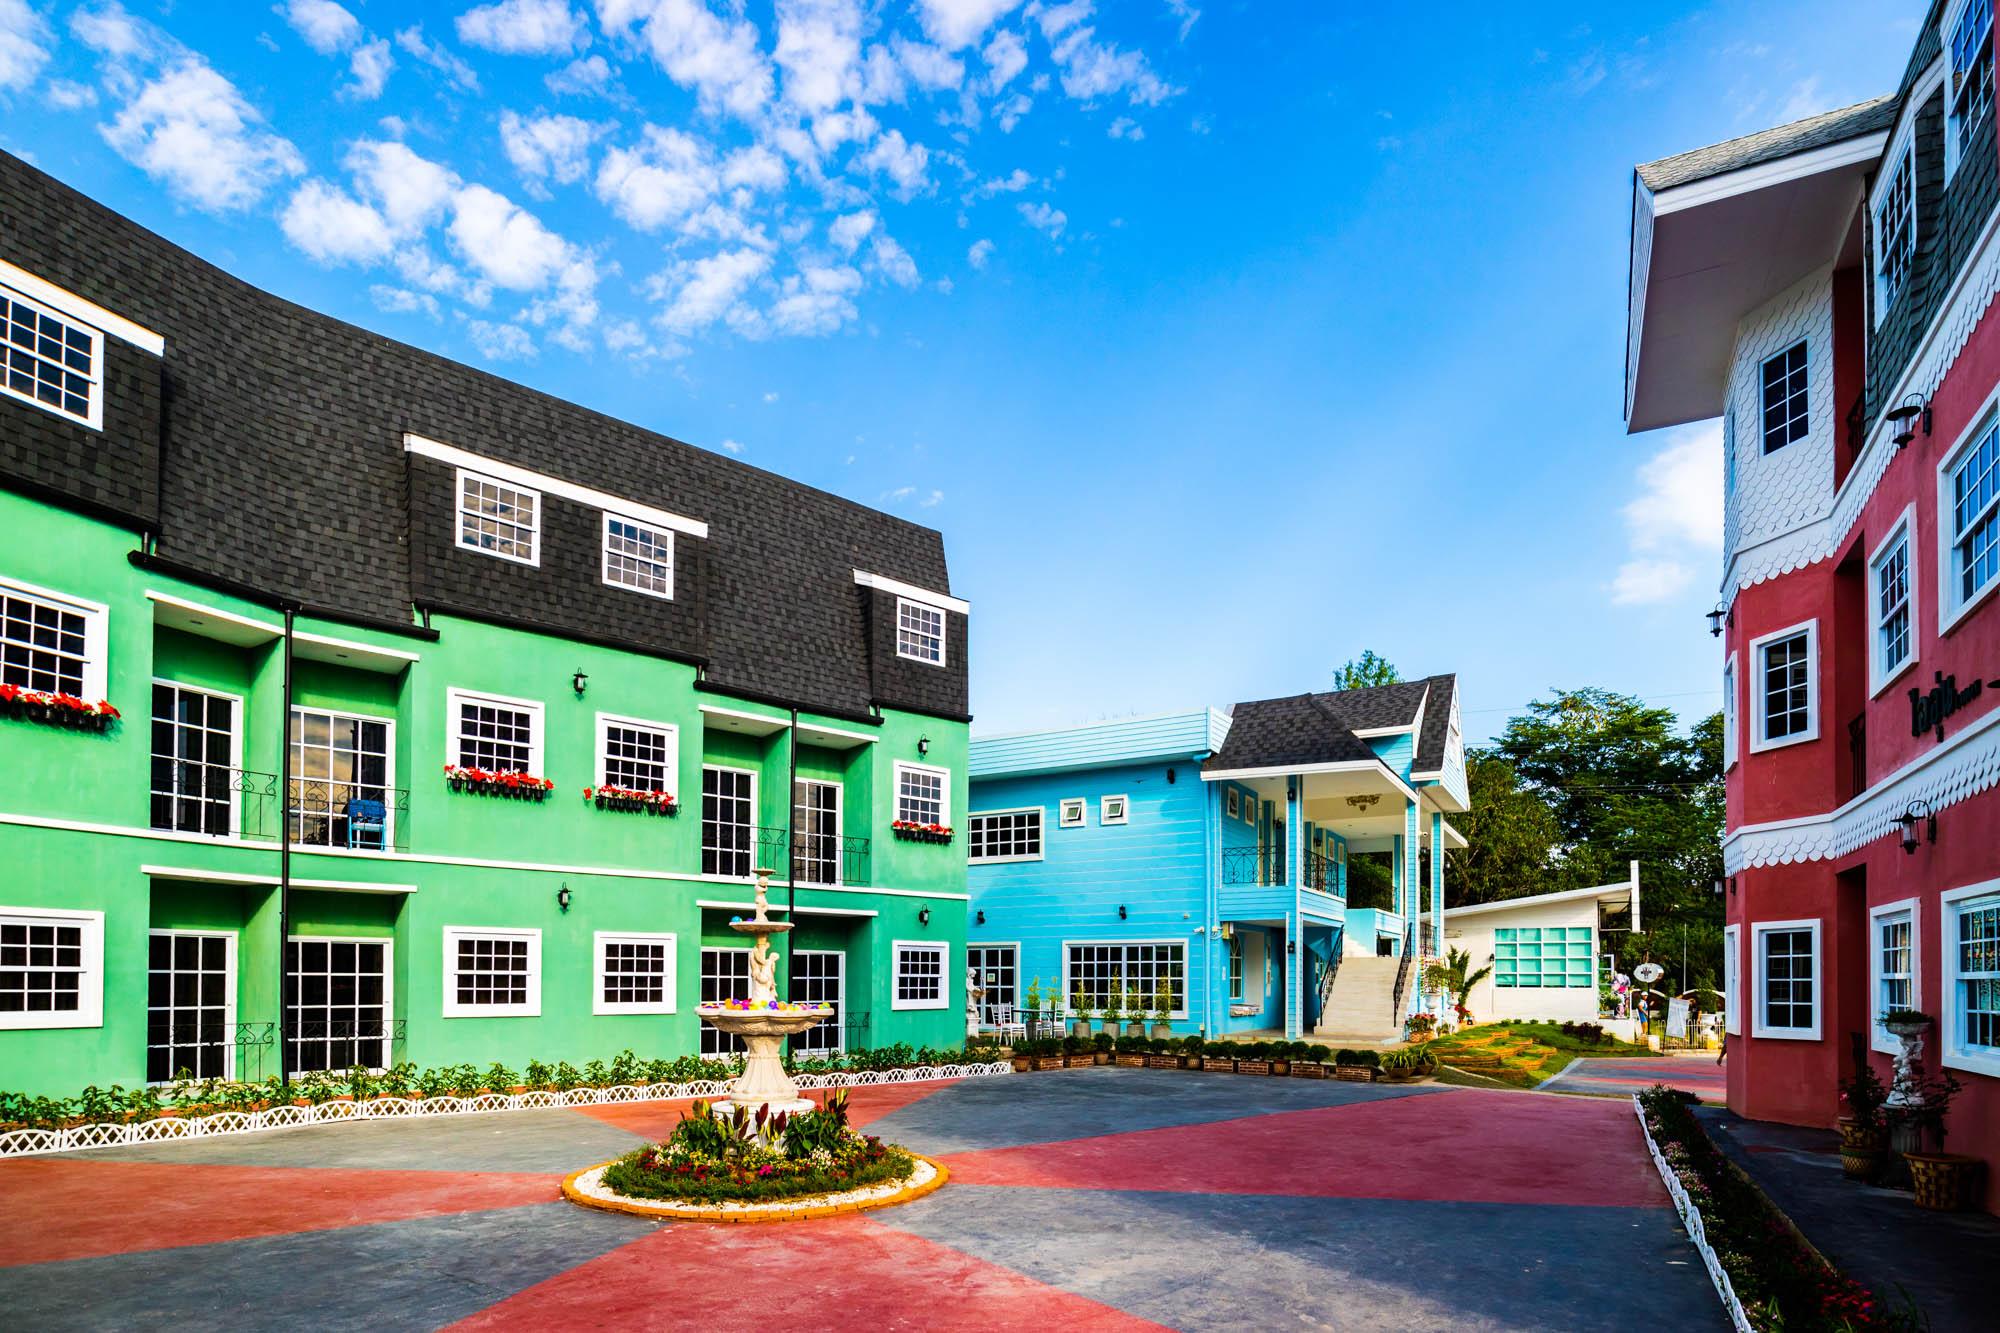 อาคารถนอม ณ บ้านแม่ รีสอร์ท ลำปาง  ณ บ้านแม่ รีสอร์ท Nabaanmae resort ลำปาง งามสไตล์ยุโรป IMG 3827